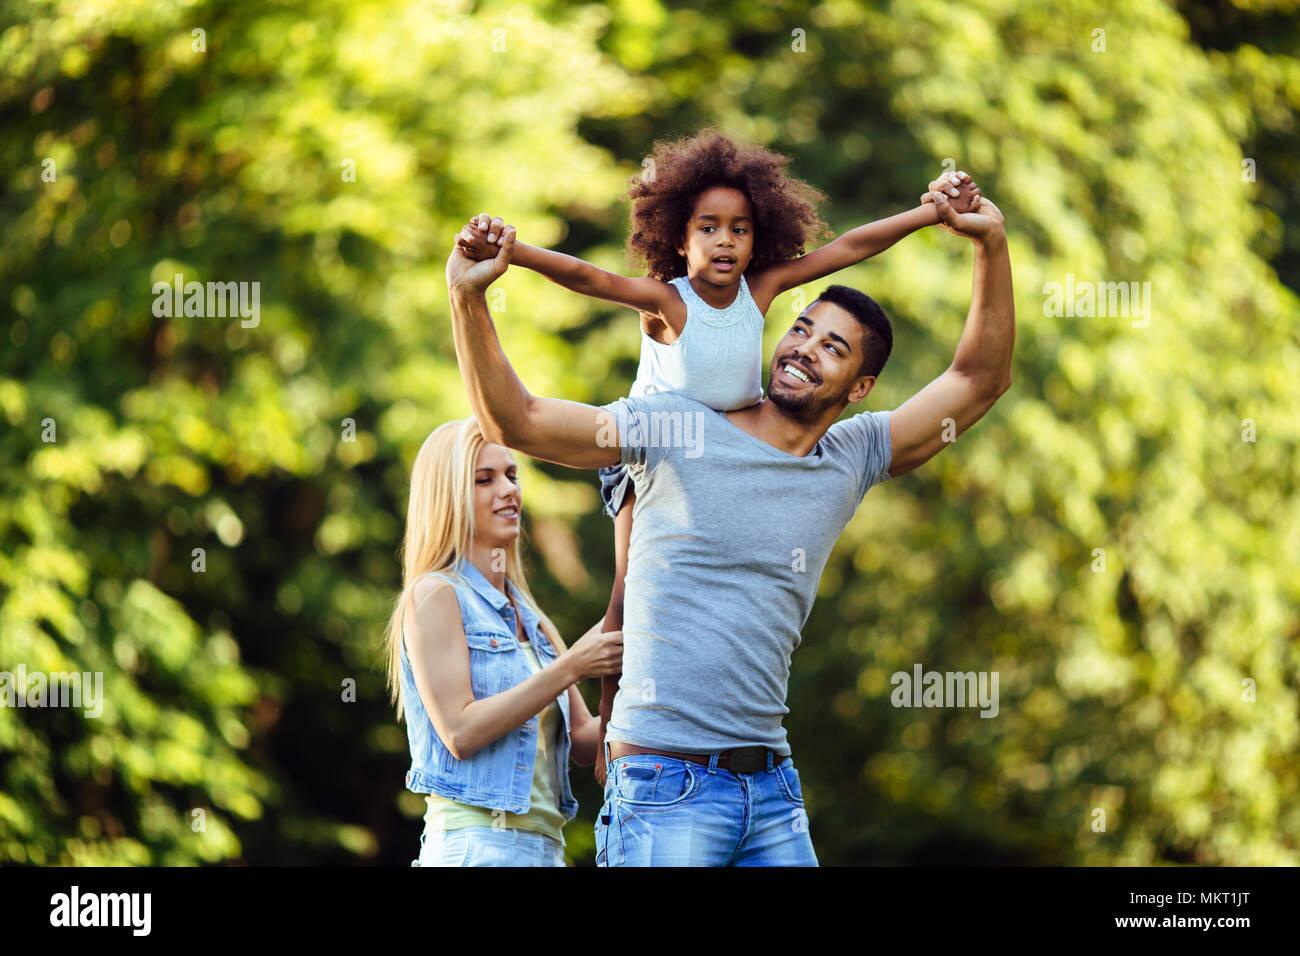 Foto di felice coppia giovane spendere del tempo con la loro figlia Immagini Stock